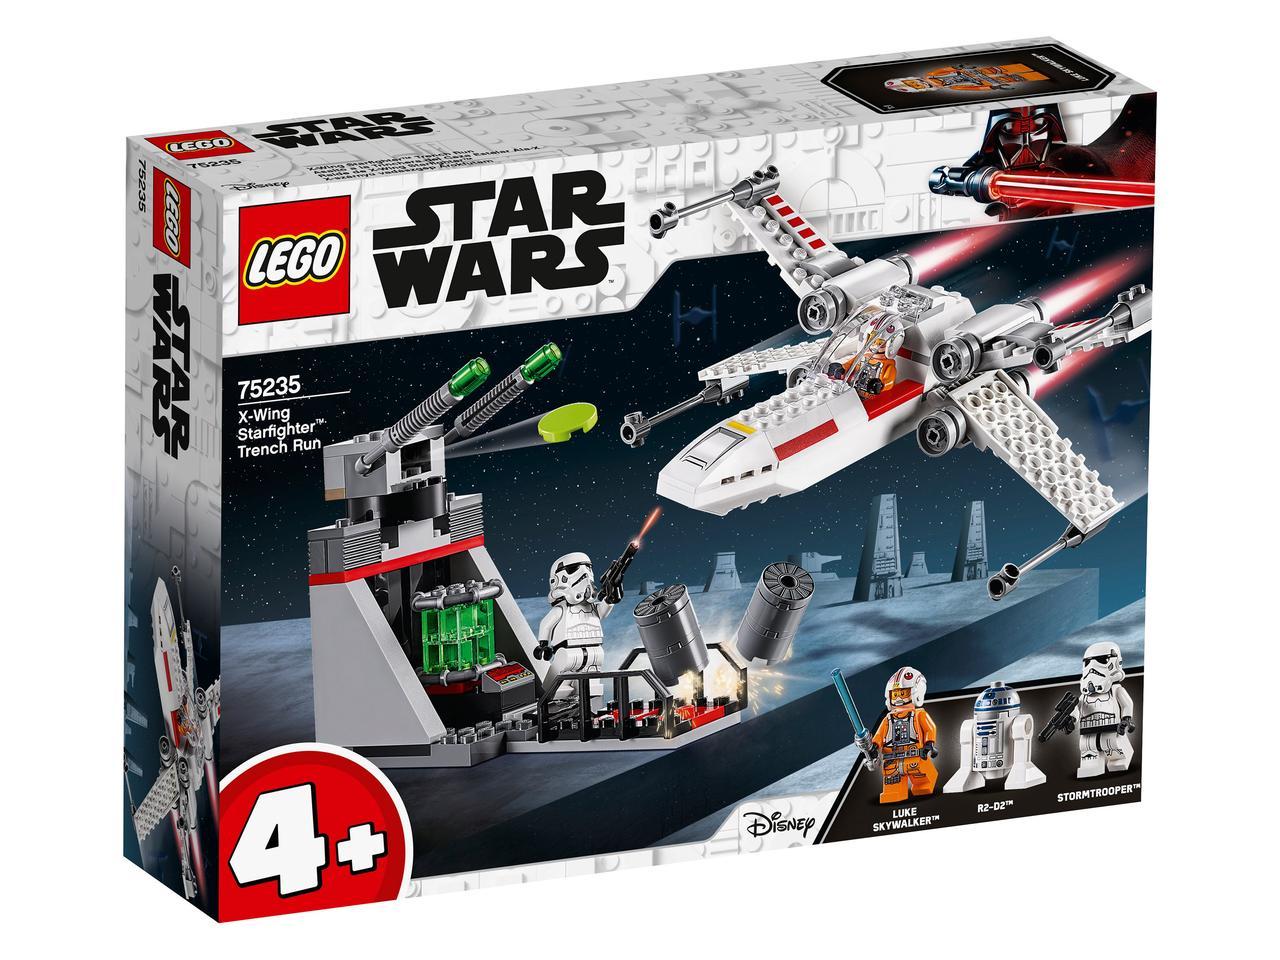 75235 Lego Star Wars Звёздный истребитель типа Х™, Лего Звездные войны